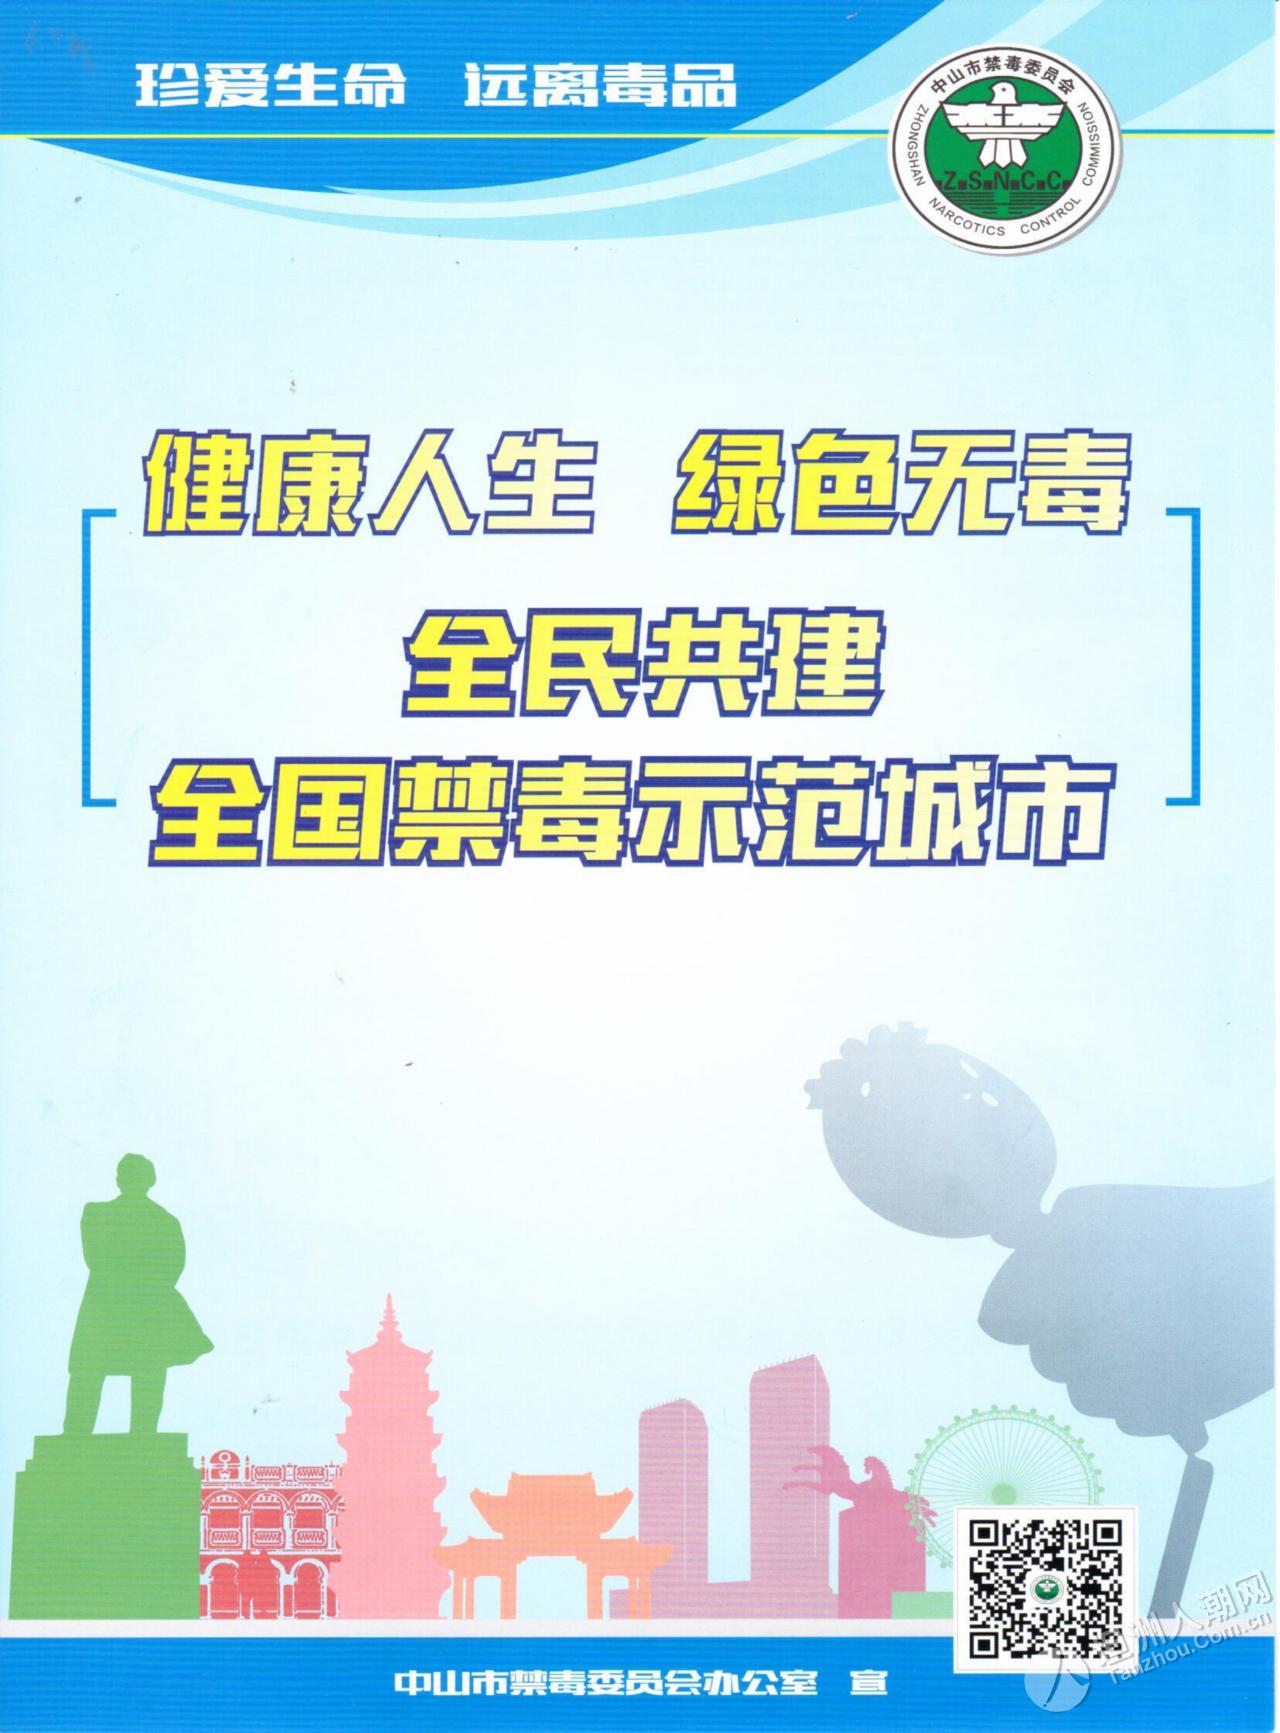 【共建平安健康坦洲】博爱100平安十四村综合宣传活动(第一期)顺利开展